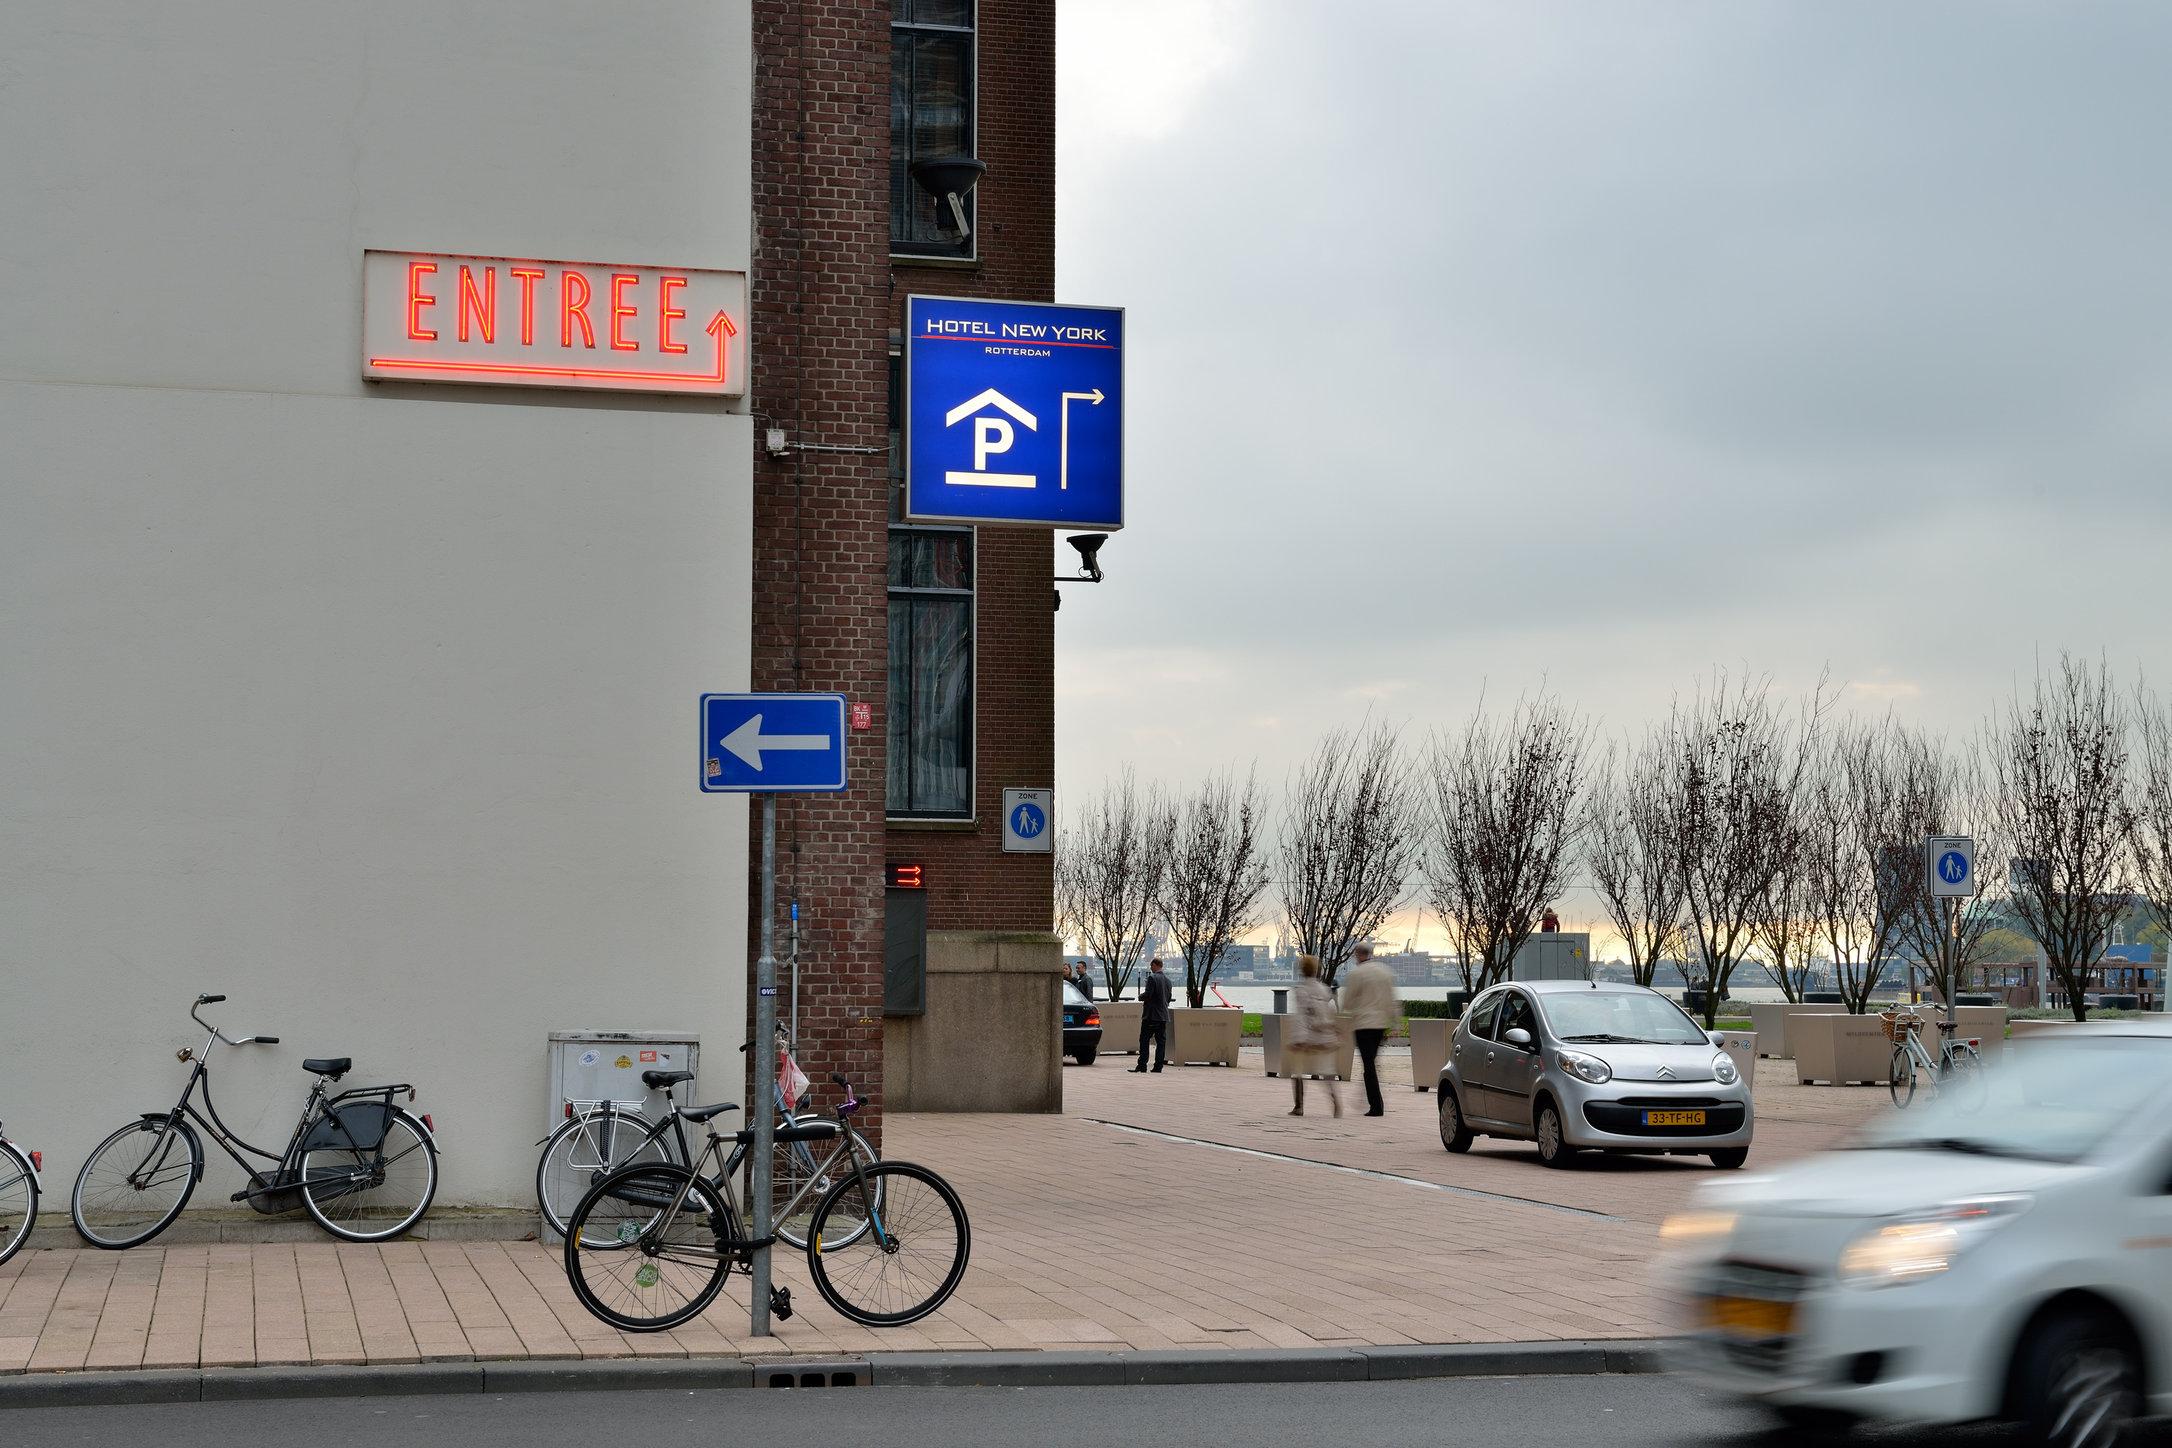 Hotel New York, Rotterdam (NL)